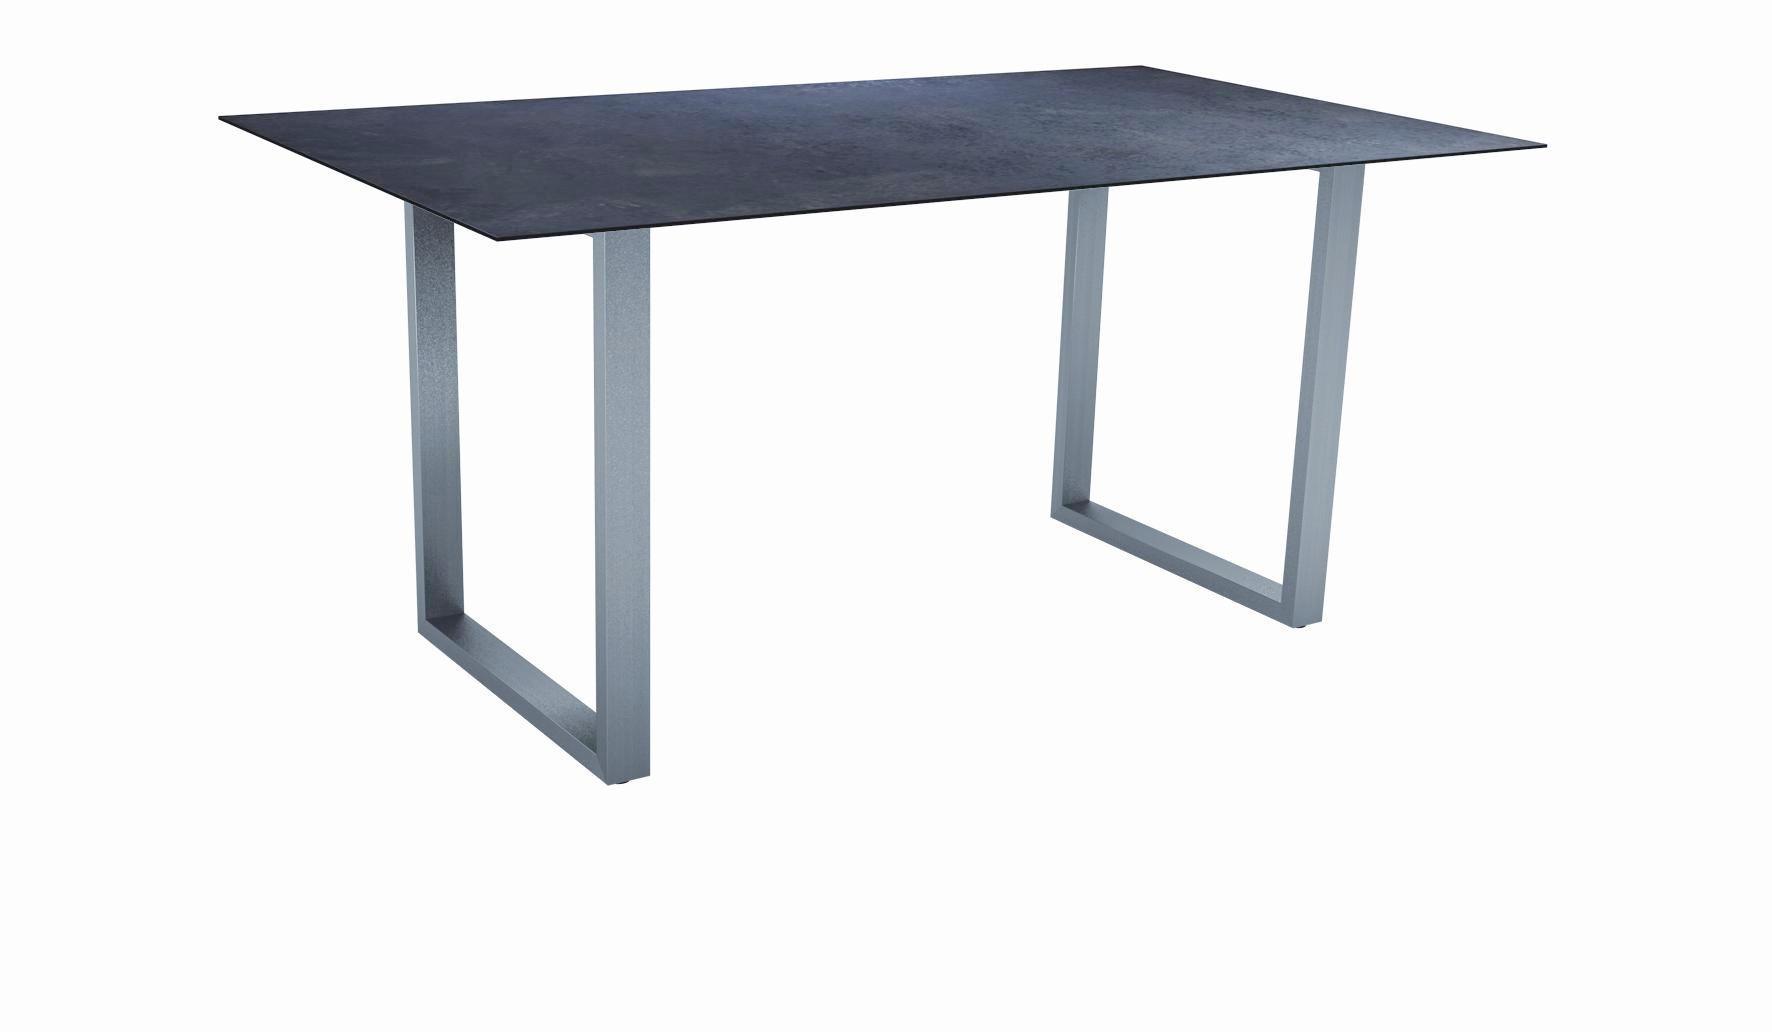 Gartentisch Plastik Kindertisch Und Stuhle Plastik Elegant